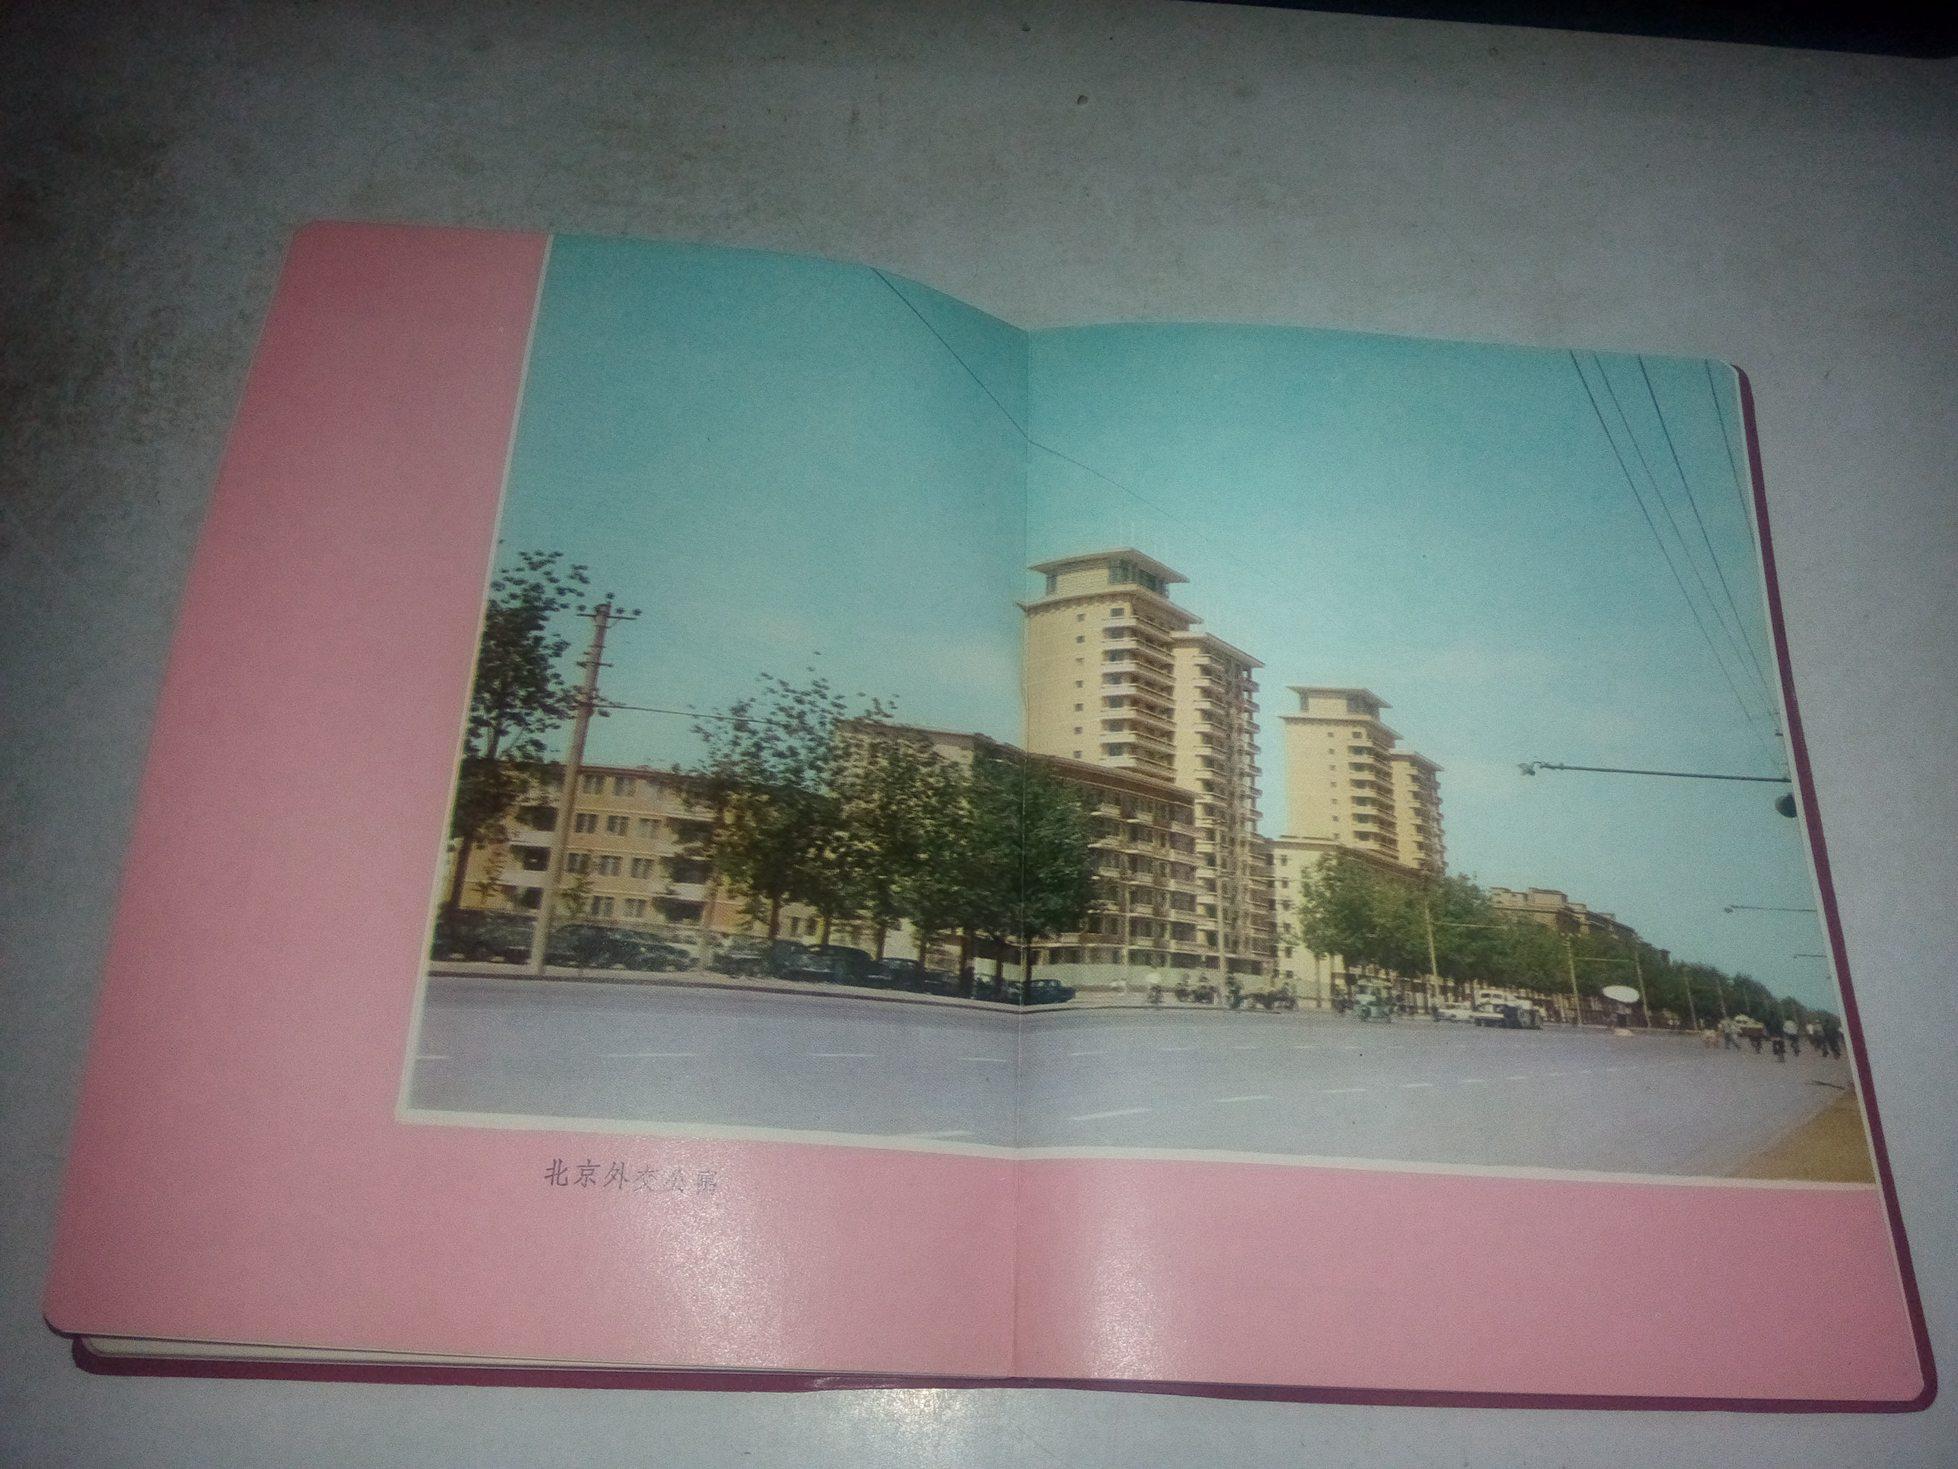 本:未使、未撕页:内有6幅具有时代宠物的林邯郸市美食新港特色图片